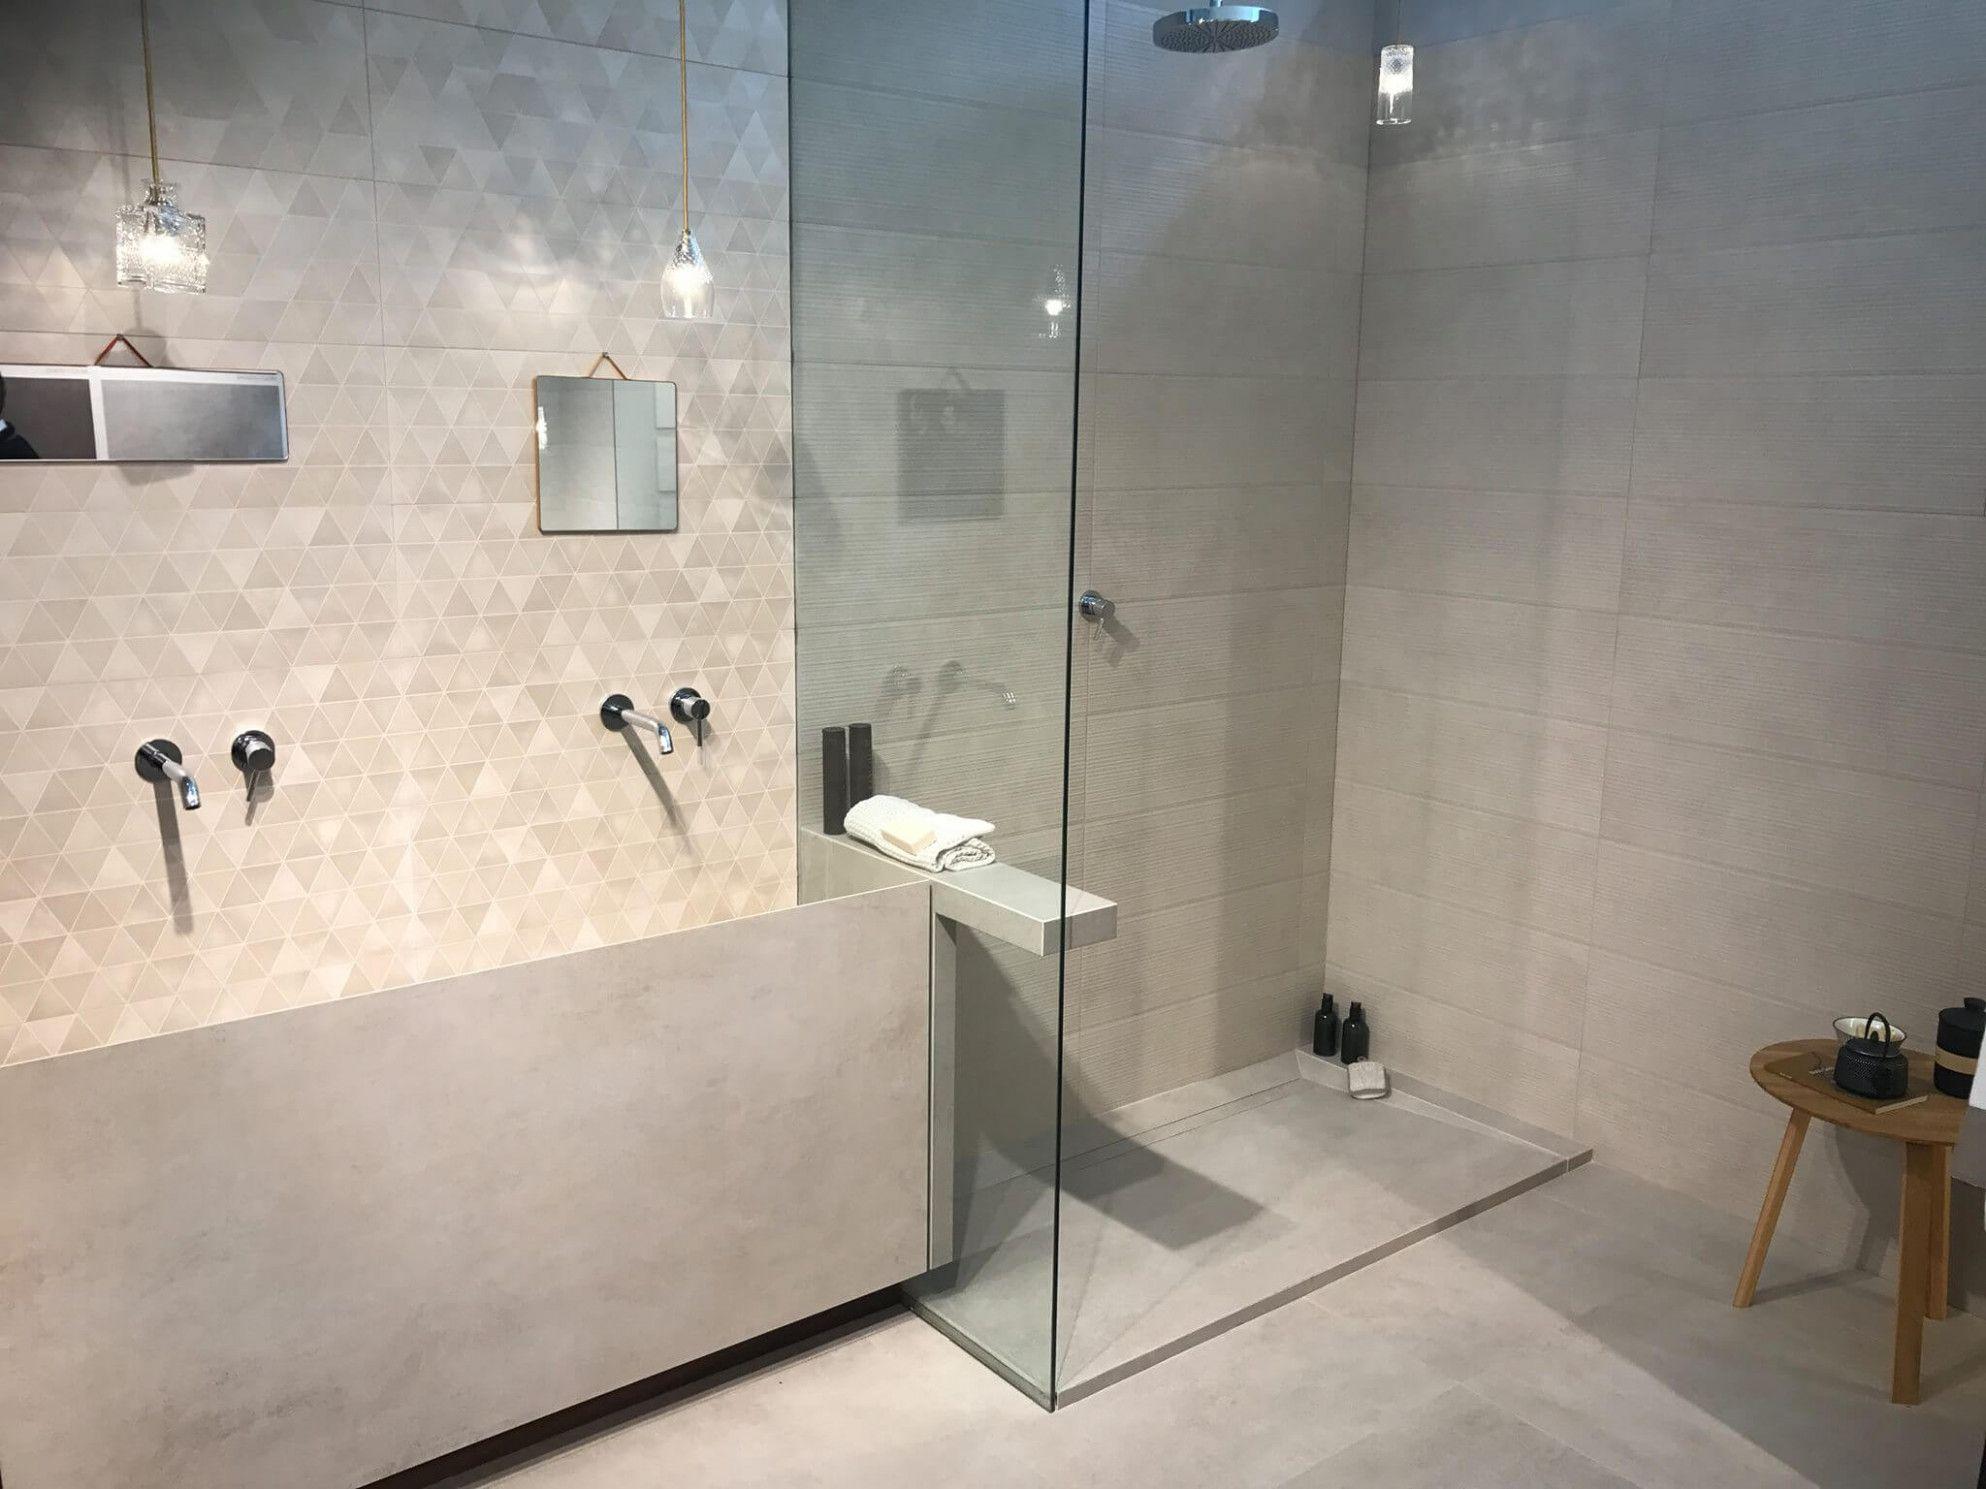 15 Ideen Ideen Schoner Wohnen In 2020 Badezimmer Klein Kleine Badezimmer Badezimmer Design